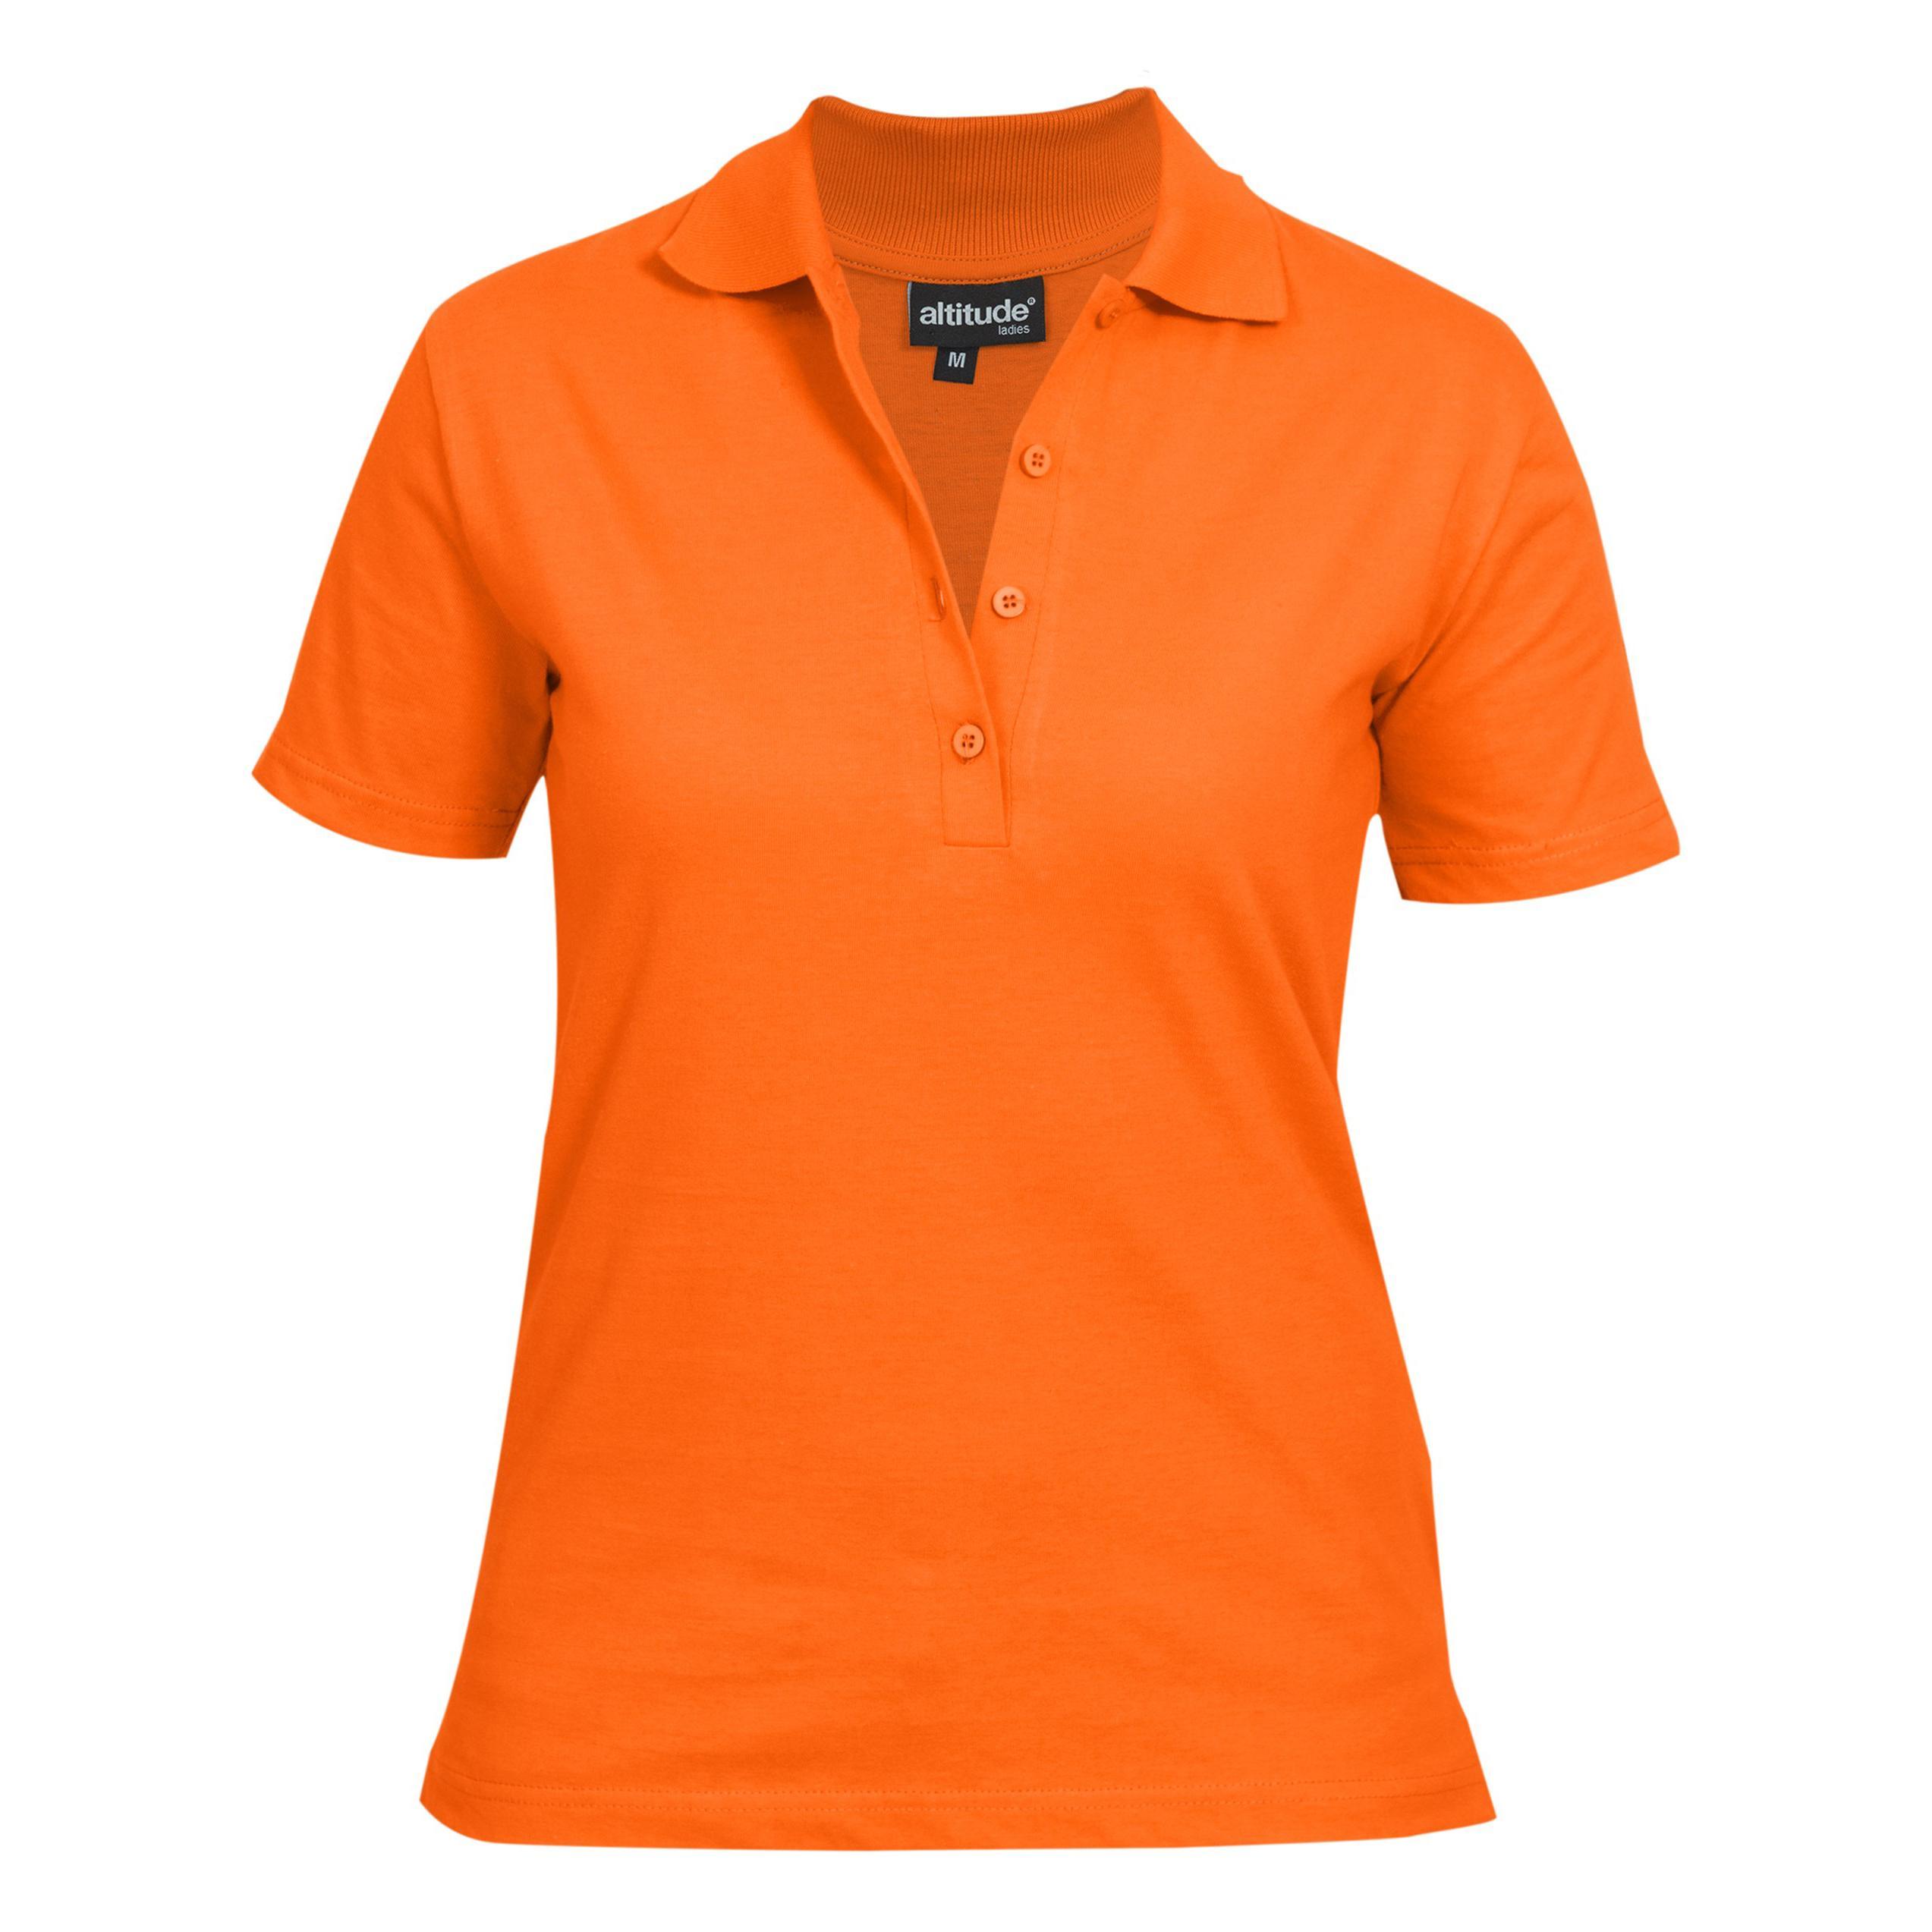 Ladies Michigan Golf Shirt - Orange Only